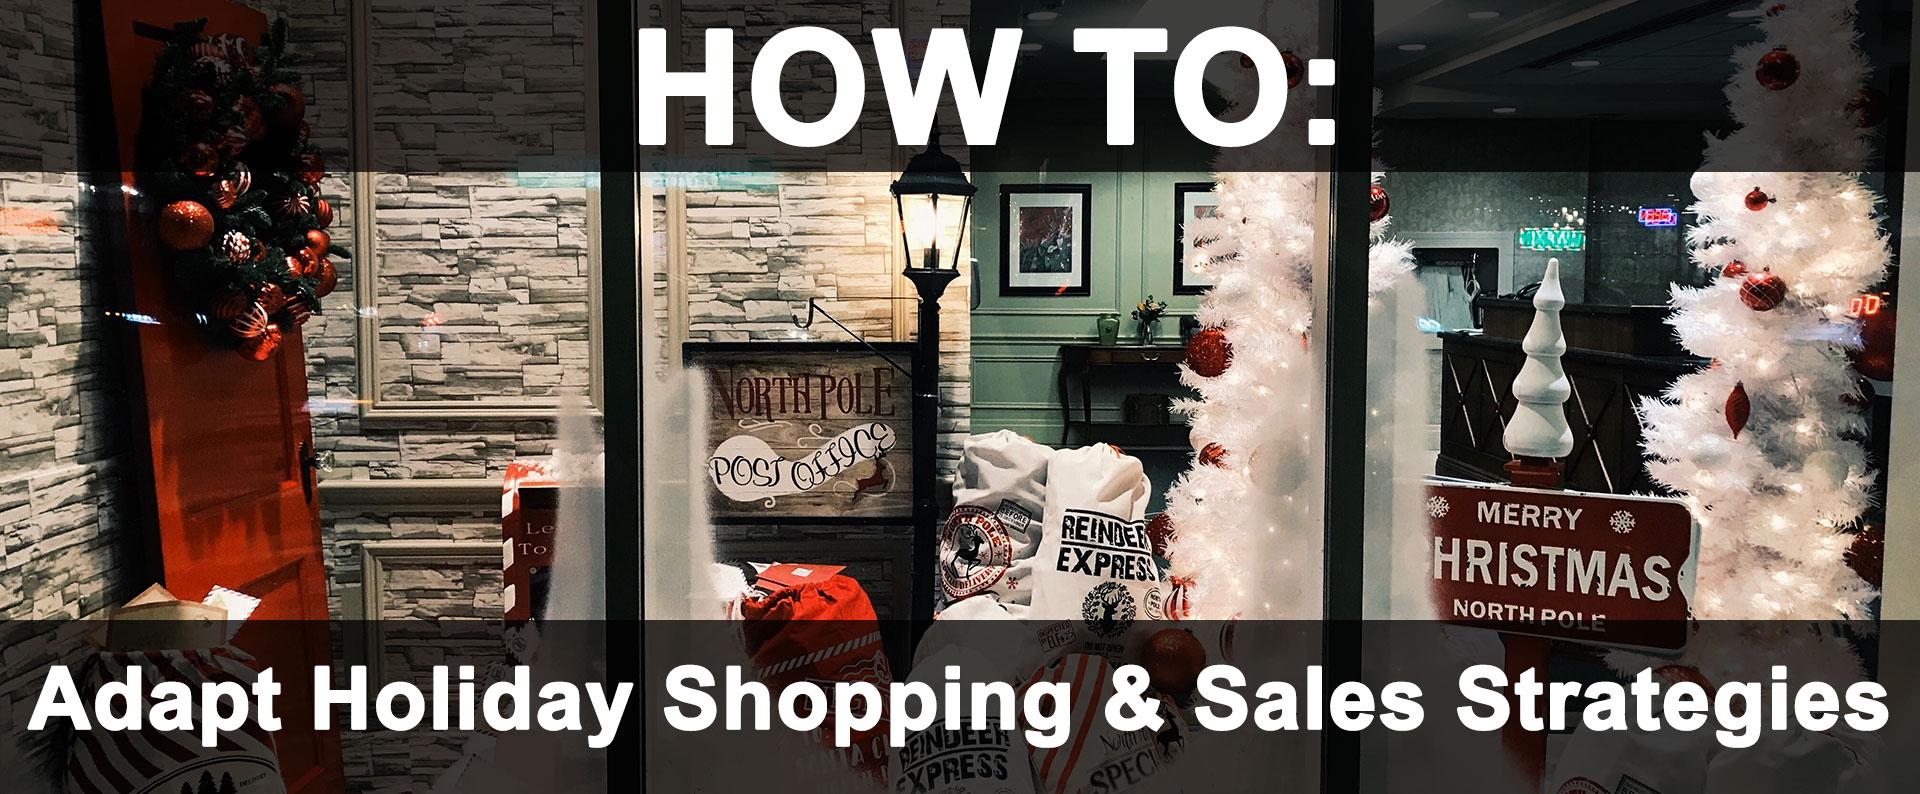 Adapting Holiday Shopping & Sales Strategies